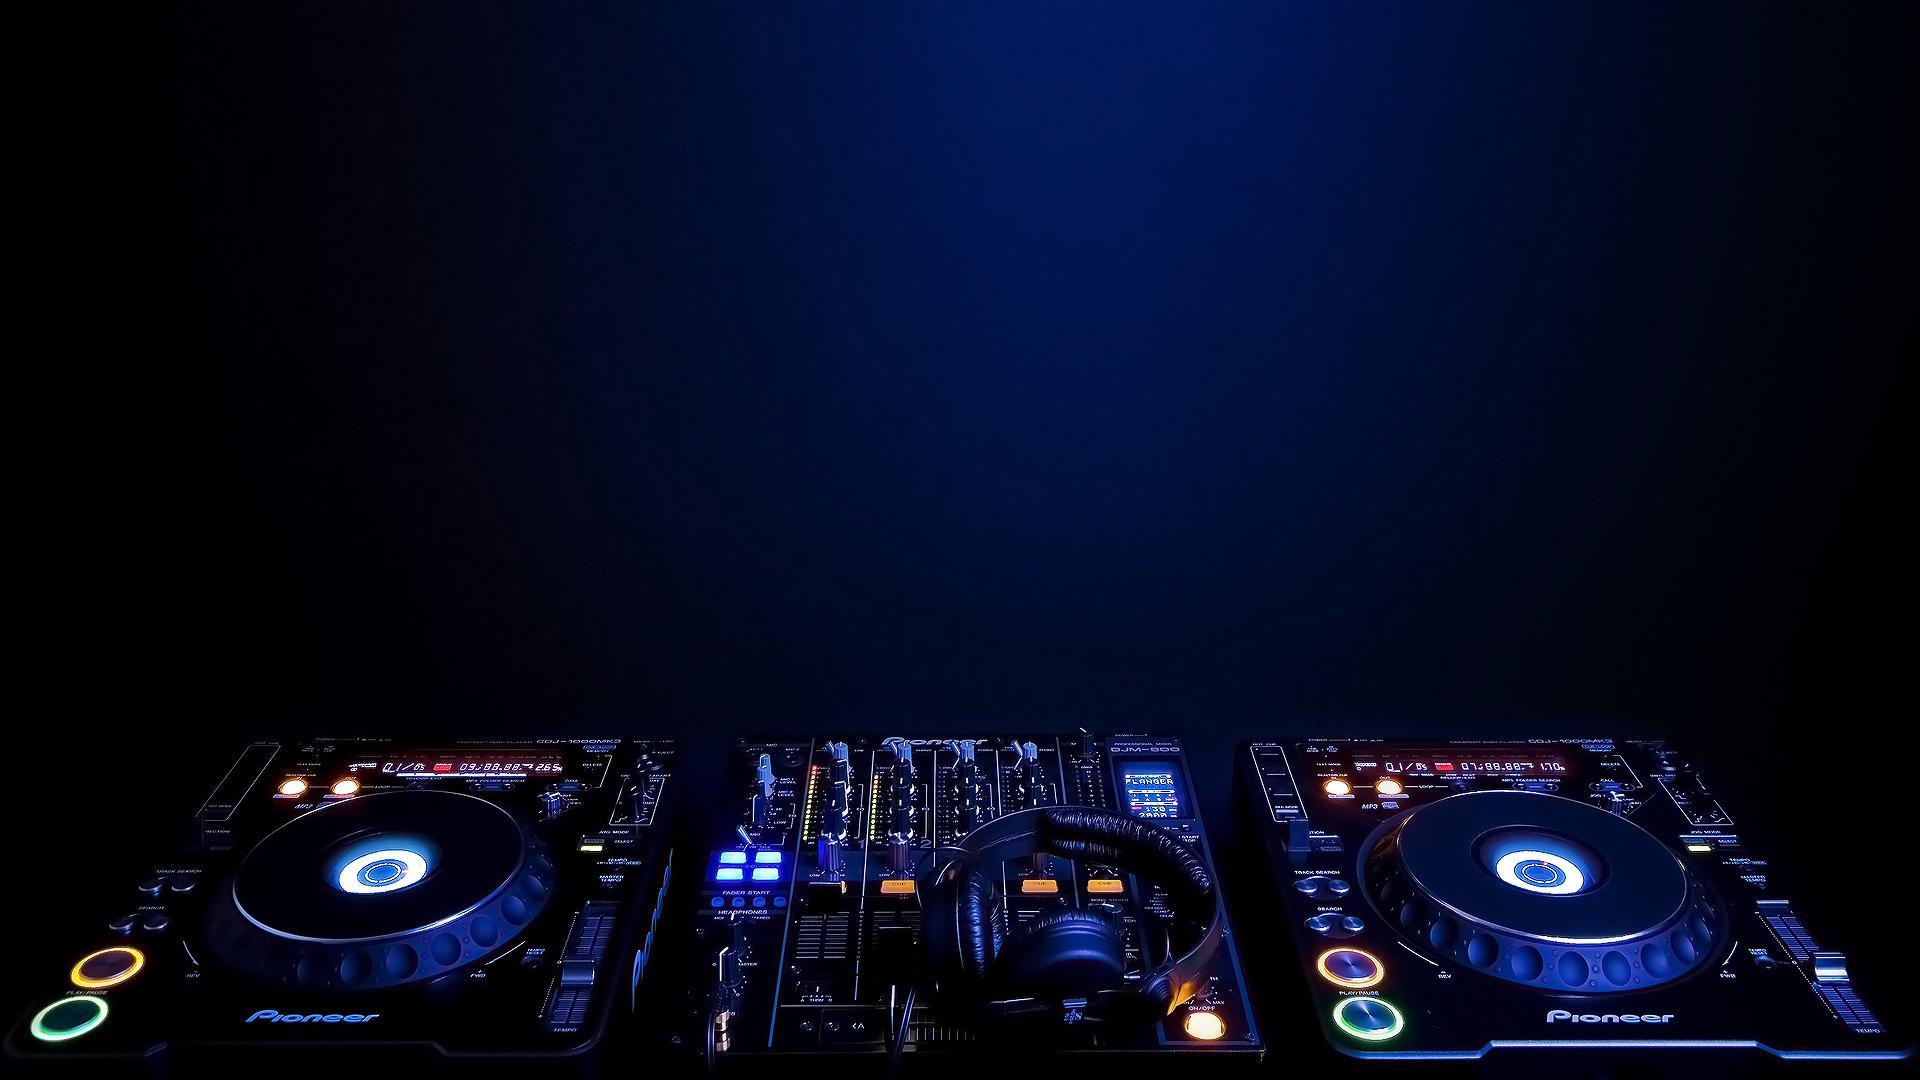 10 Best House Music Dj Wallpaper Full Hd 1080p For Pc: Full HD Desktop Wallpapers 1080p